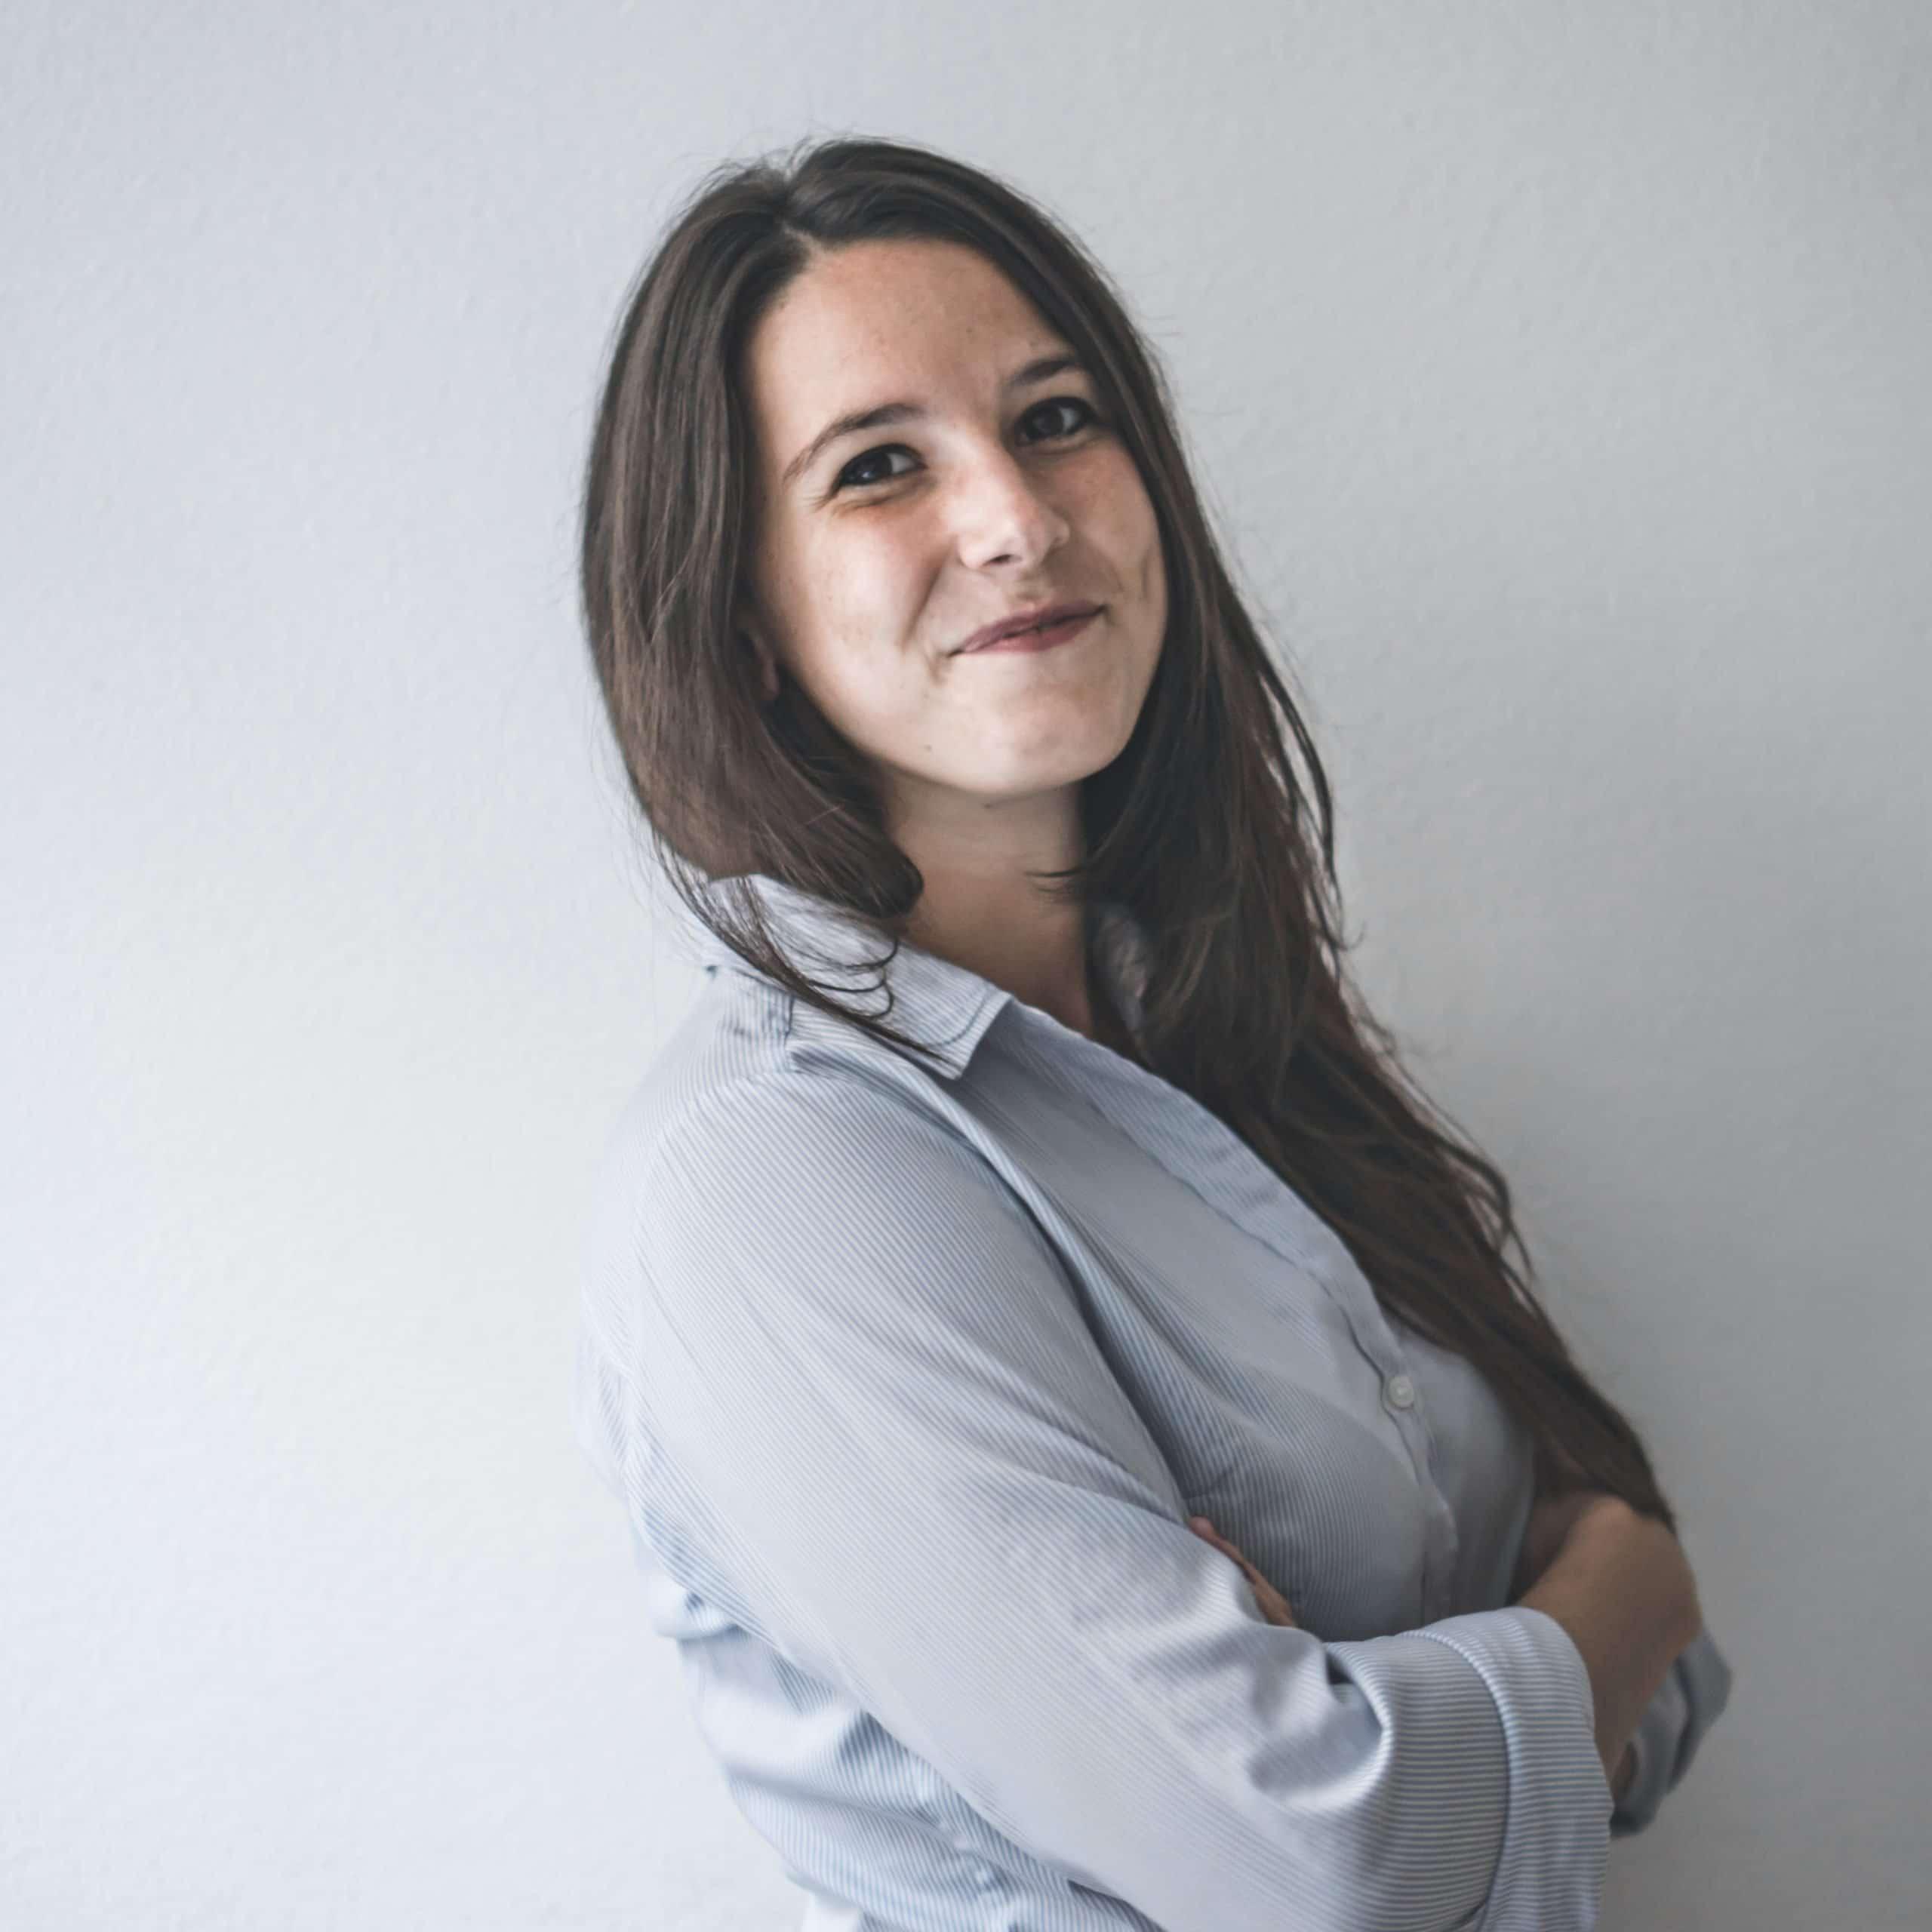 Sofia Pettorelli